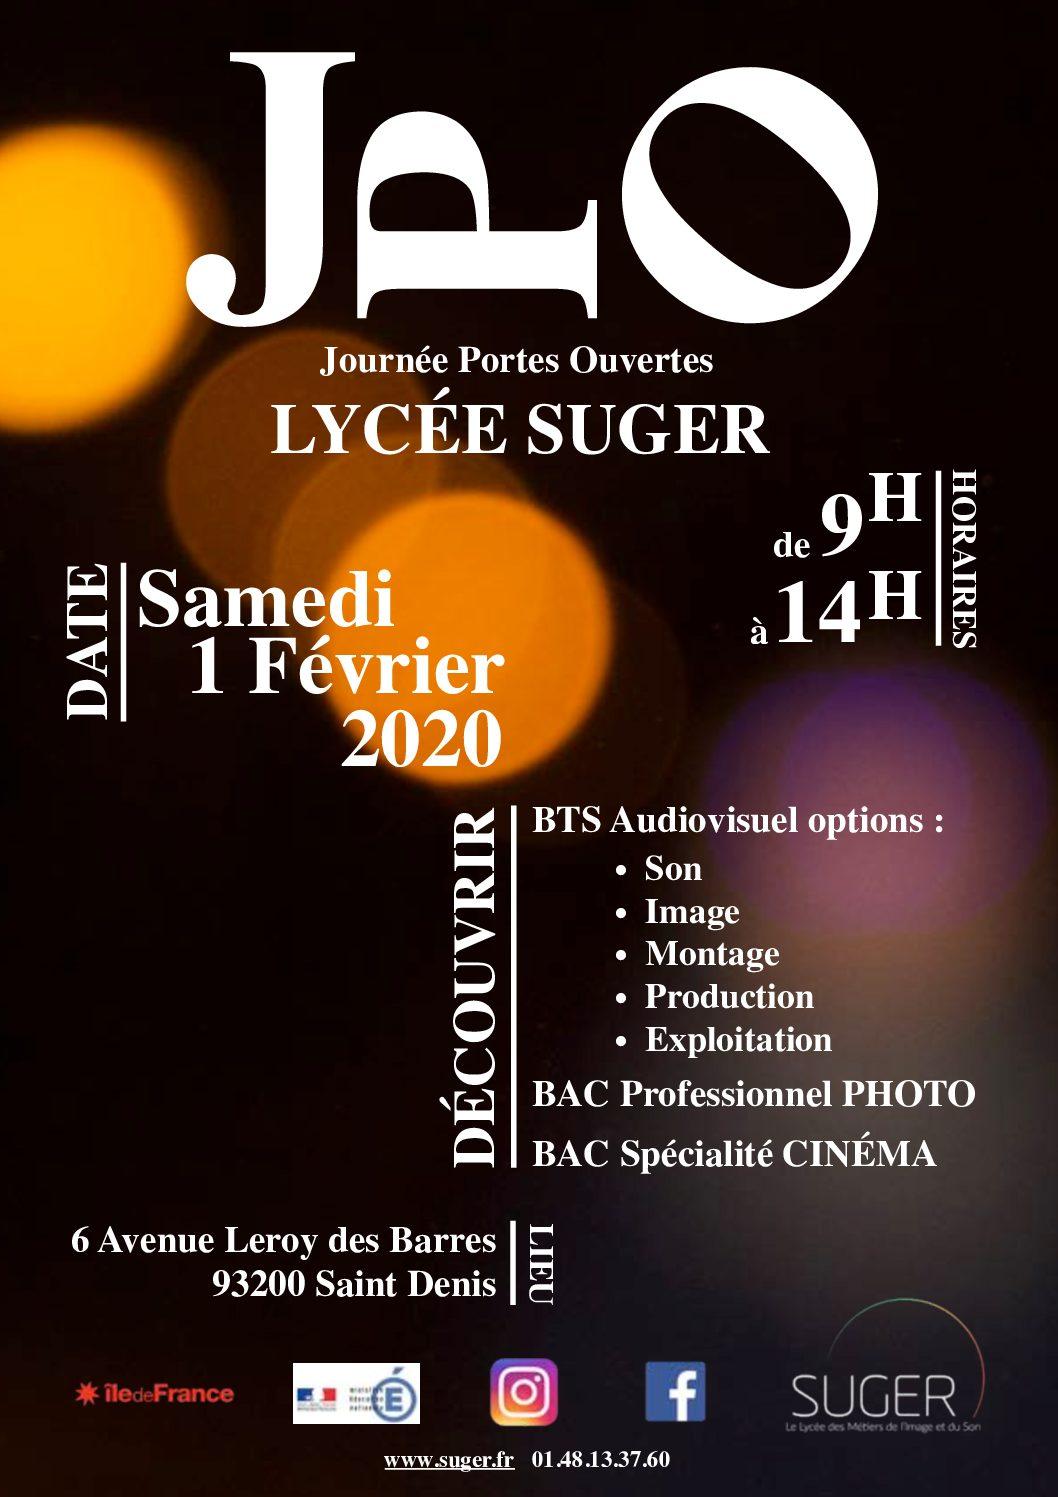 JPO du BTS Audiovisuel / Bac Pro photo / Option Cinéma Audiovisuel, le 1er février 2020